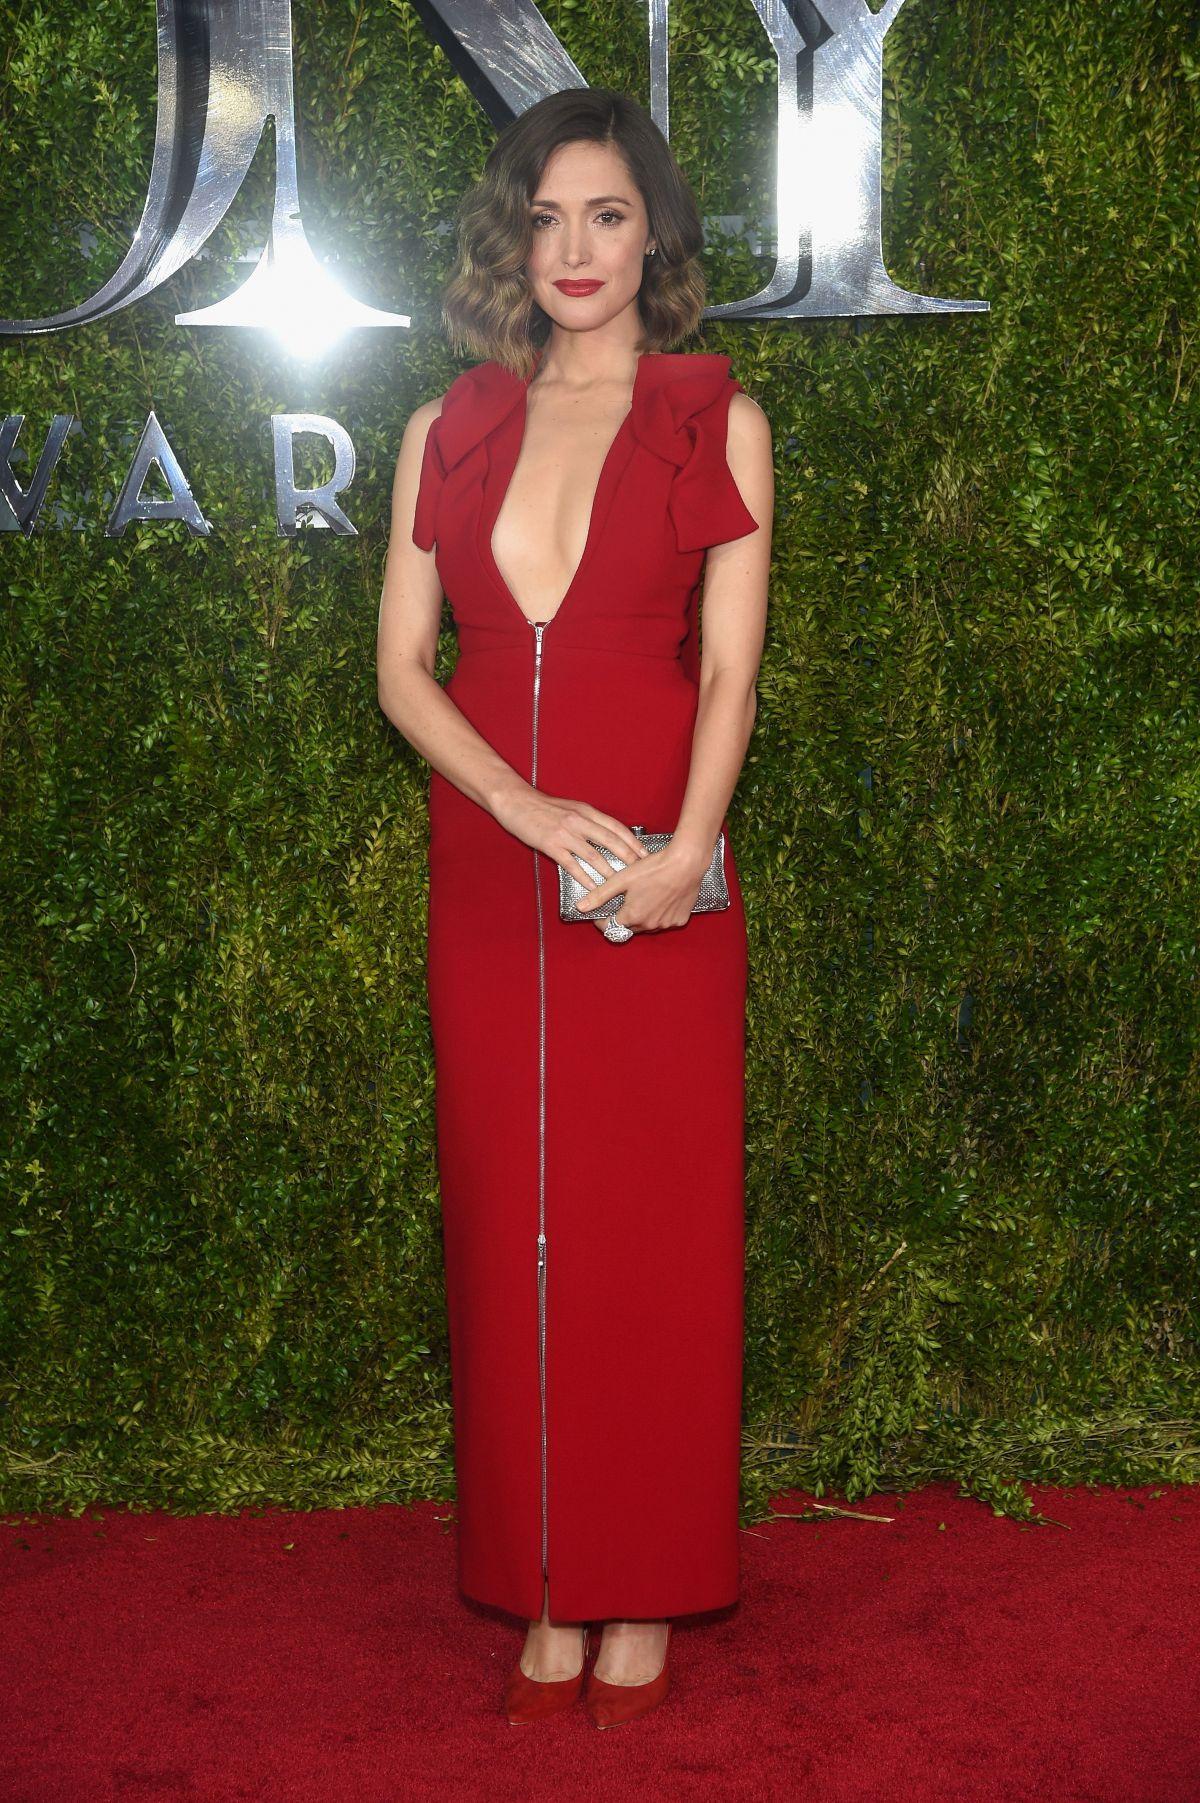 ROSE BYRNE at 2015 Tony Awards in New York